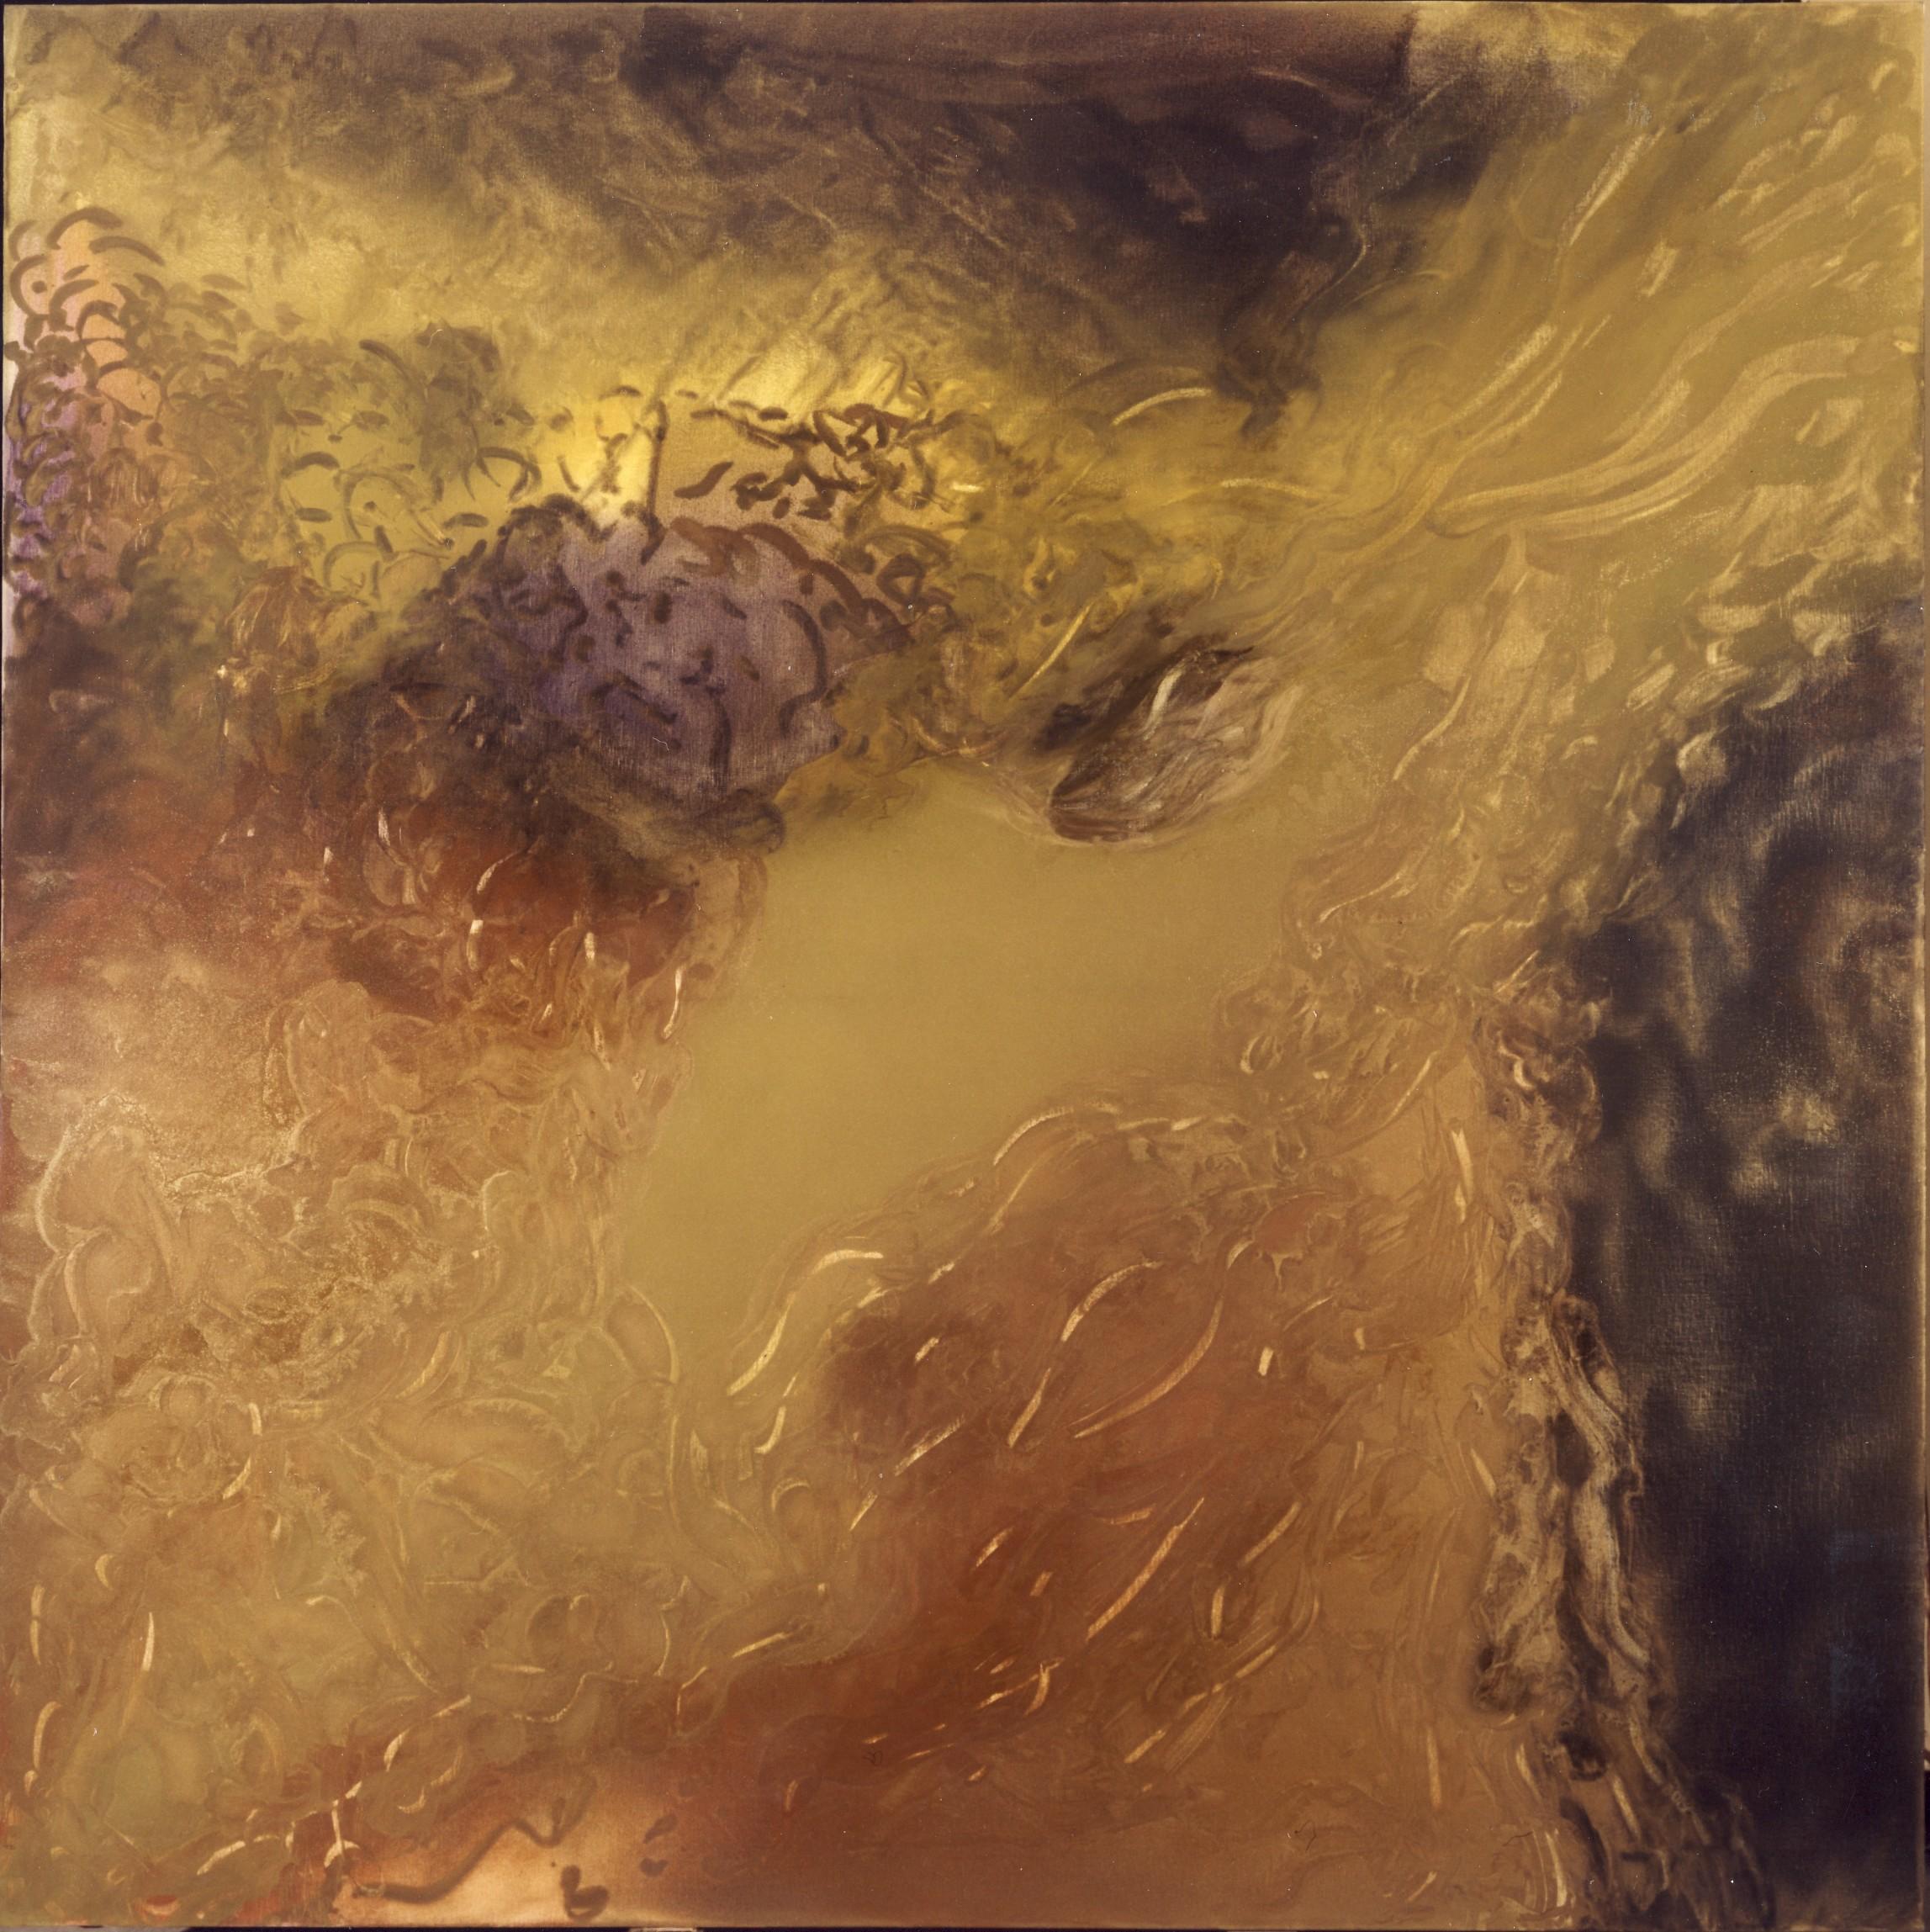 La ballata dei dieci cieli - primo elemento, 1983, olio e polveri d'oro su tela,cm 190 x 190  La ballata dei dieci cieli - primo elemento,1983, oil and gold dust on canvas,cm 190 x 190